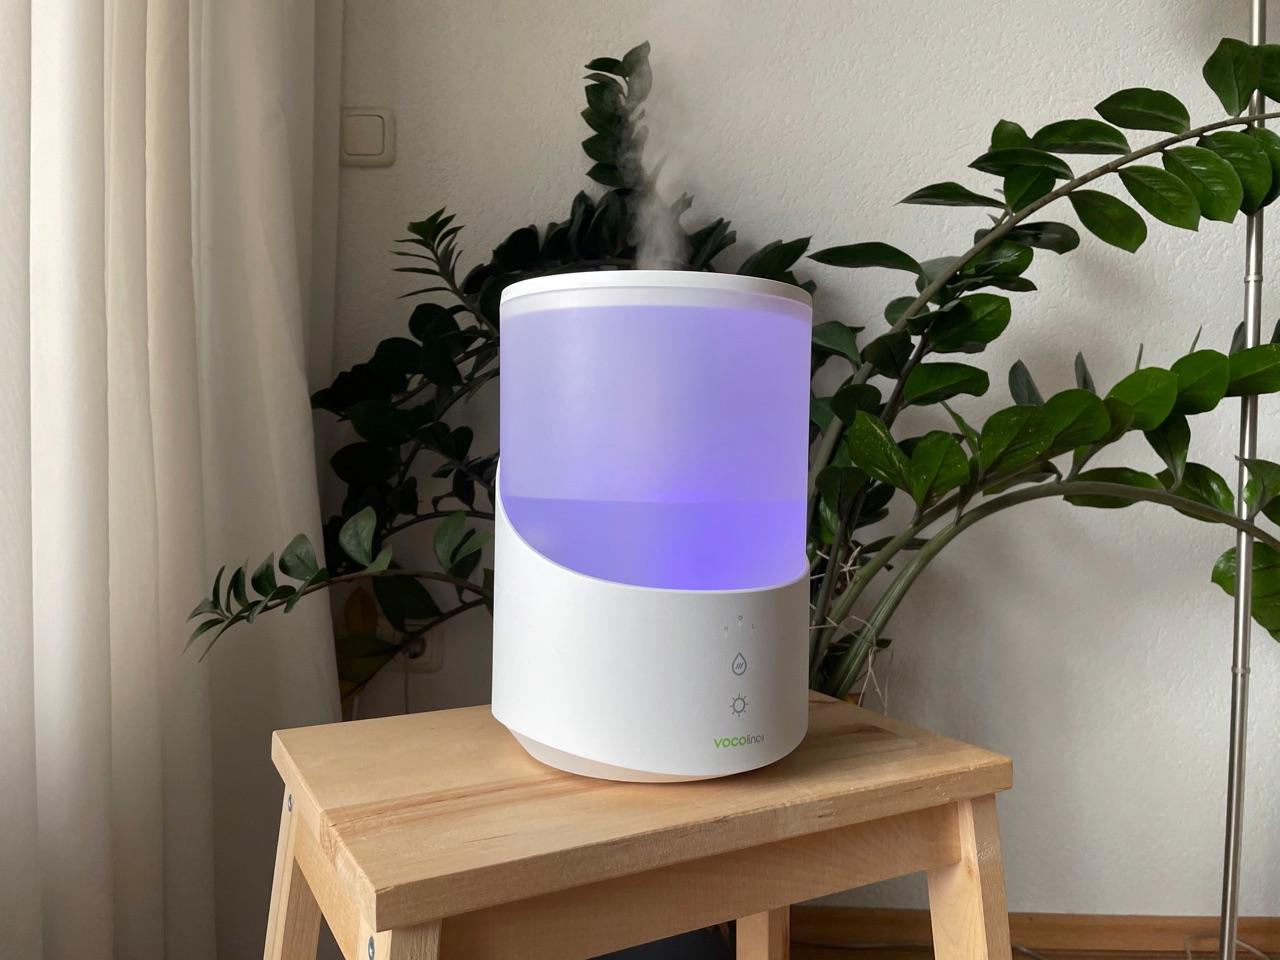 VOCOlinc MistFlow luchtbevochtiger met paarse lamp.